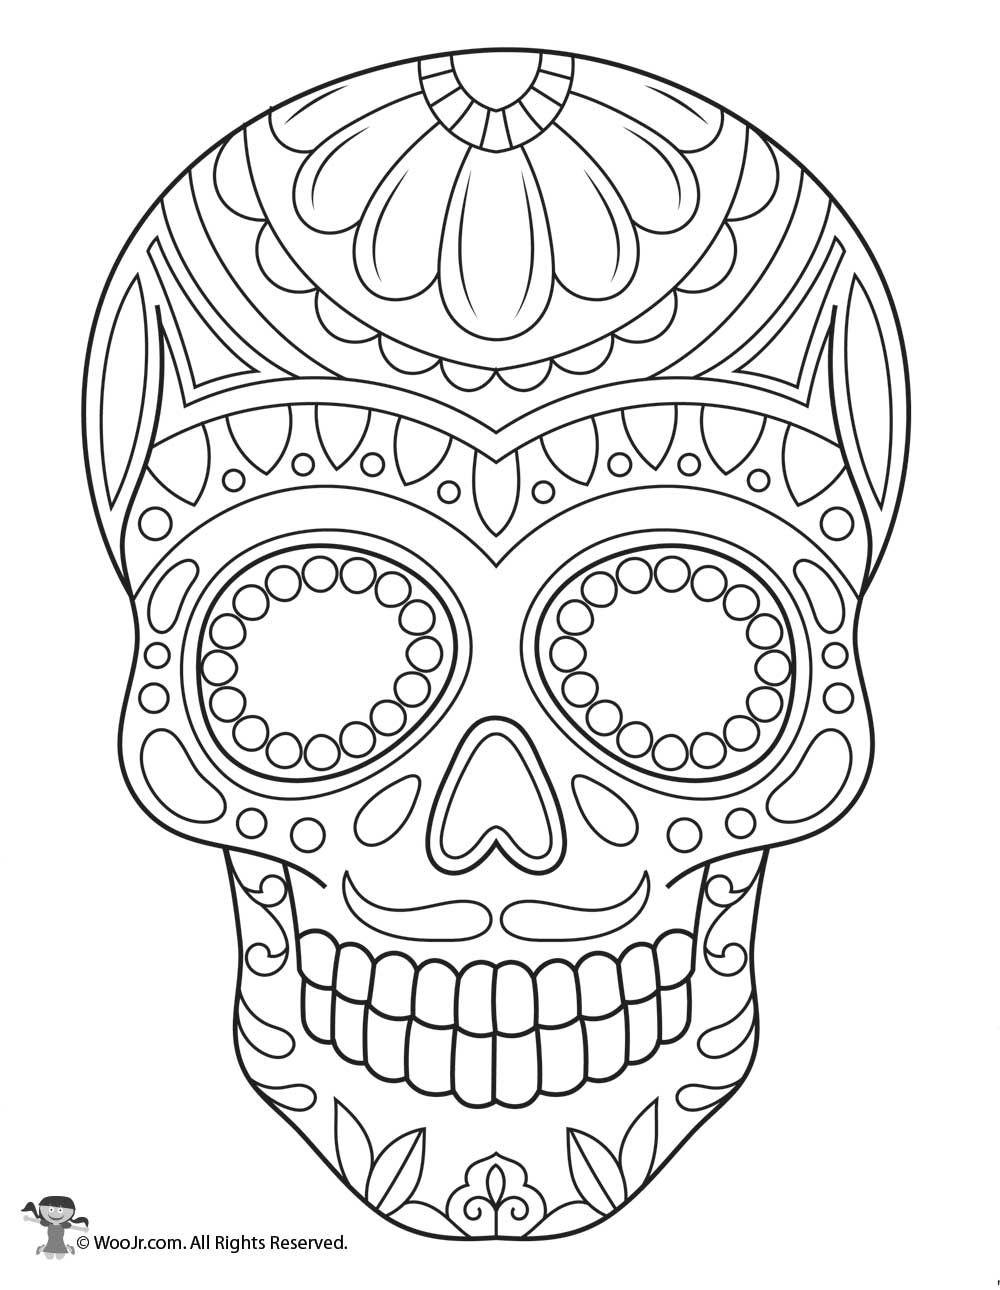 Sugar Skull Coloring Page Woo Jr Kids Activities Skull Coloring Pages Sugar Skull Art Drawing Sugar Skull Drawing